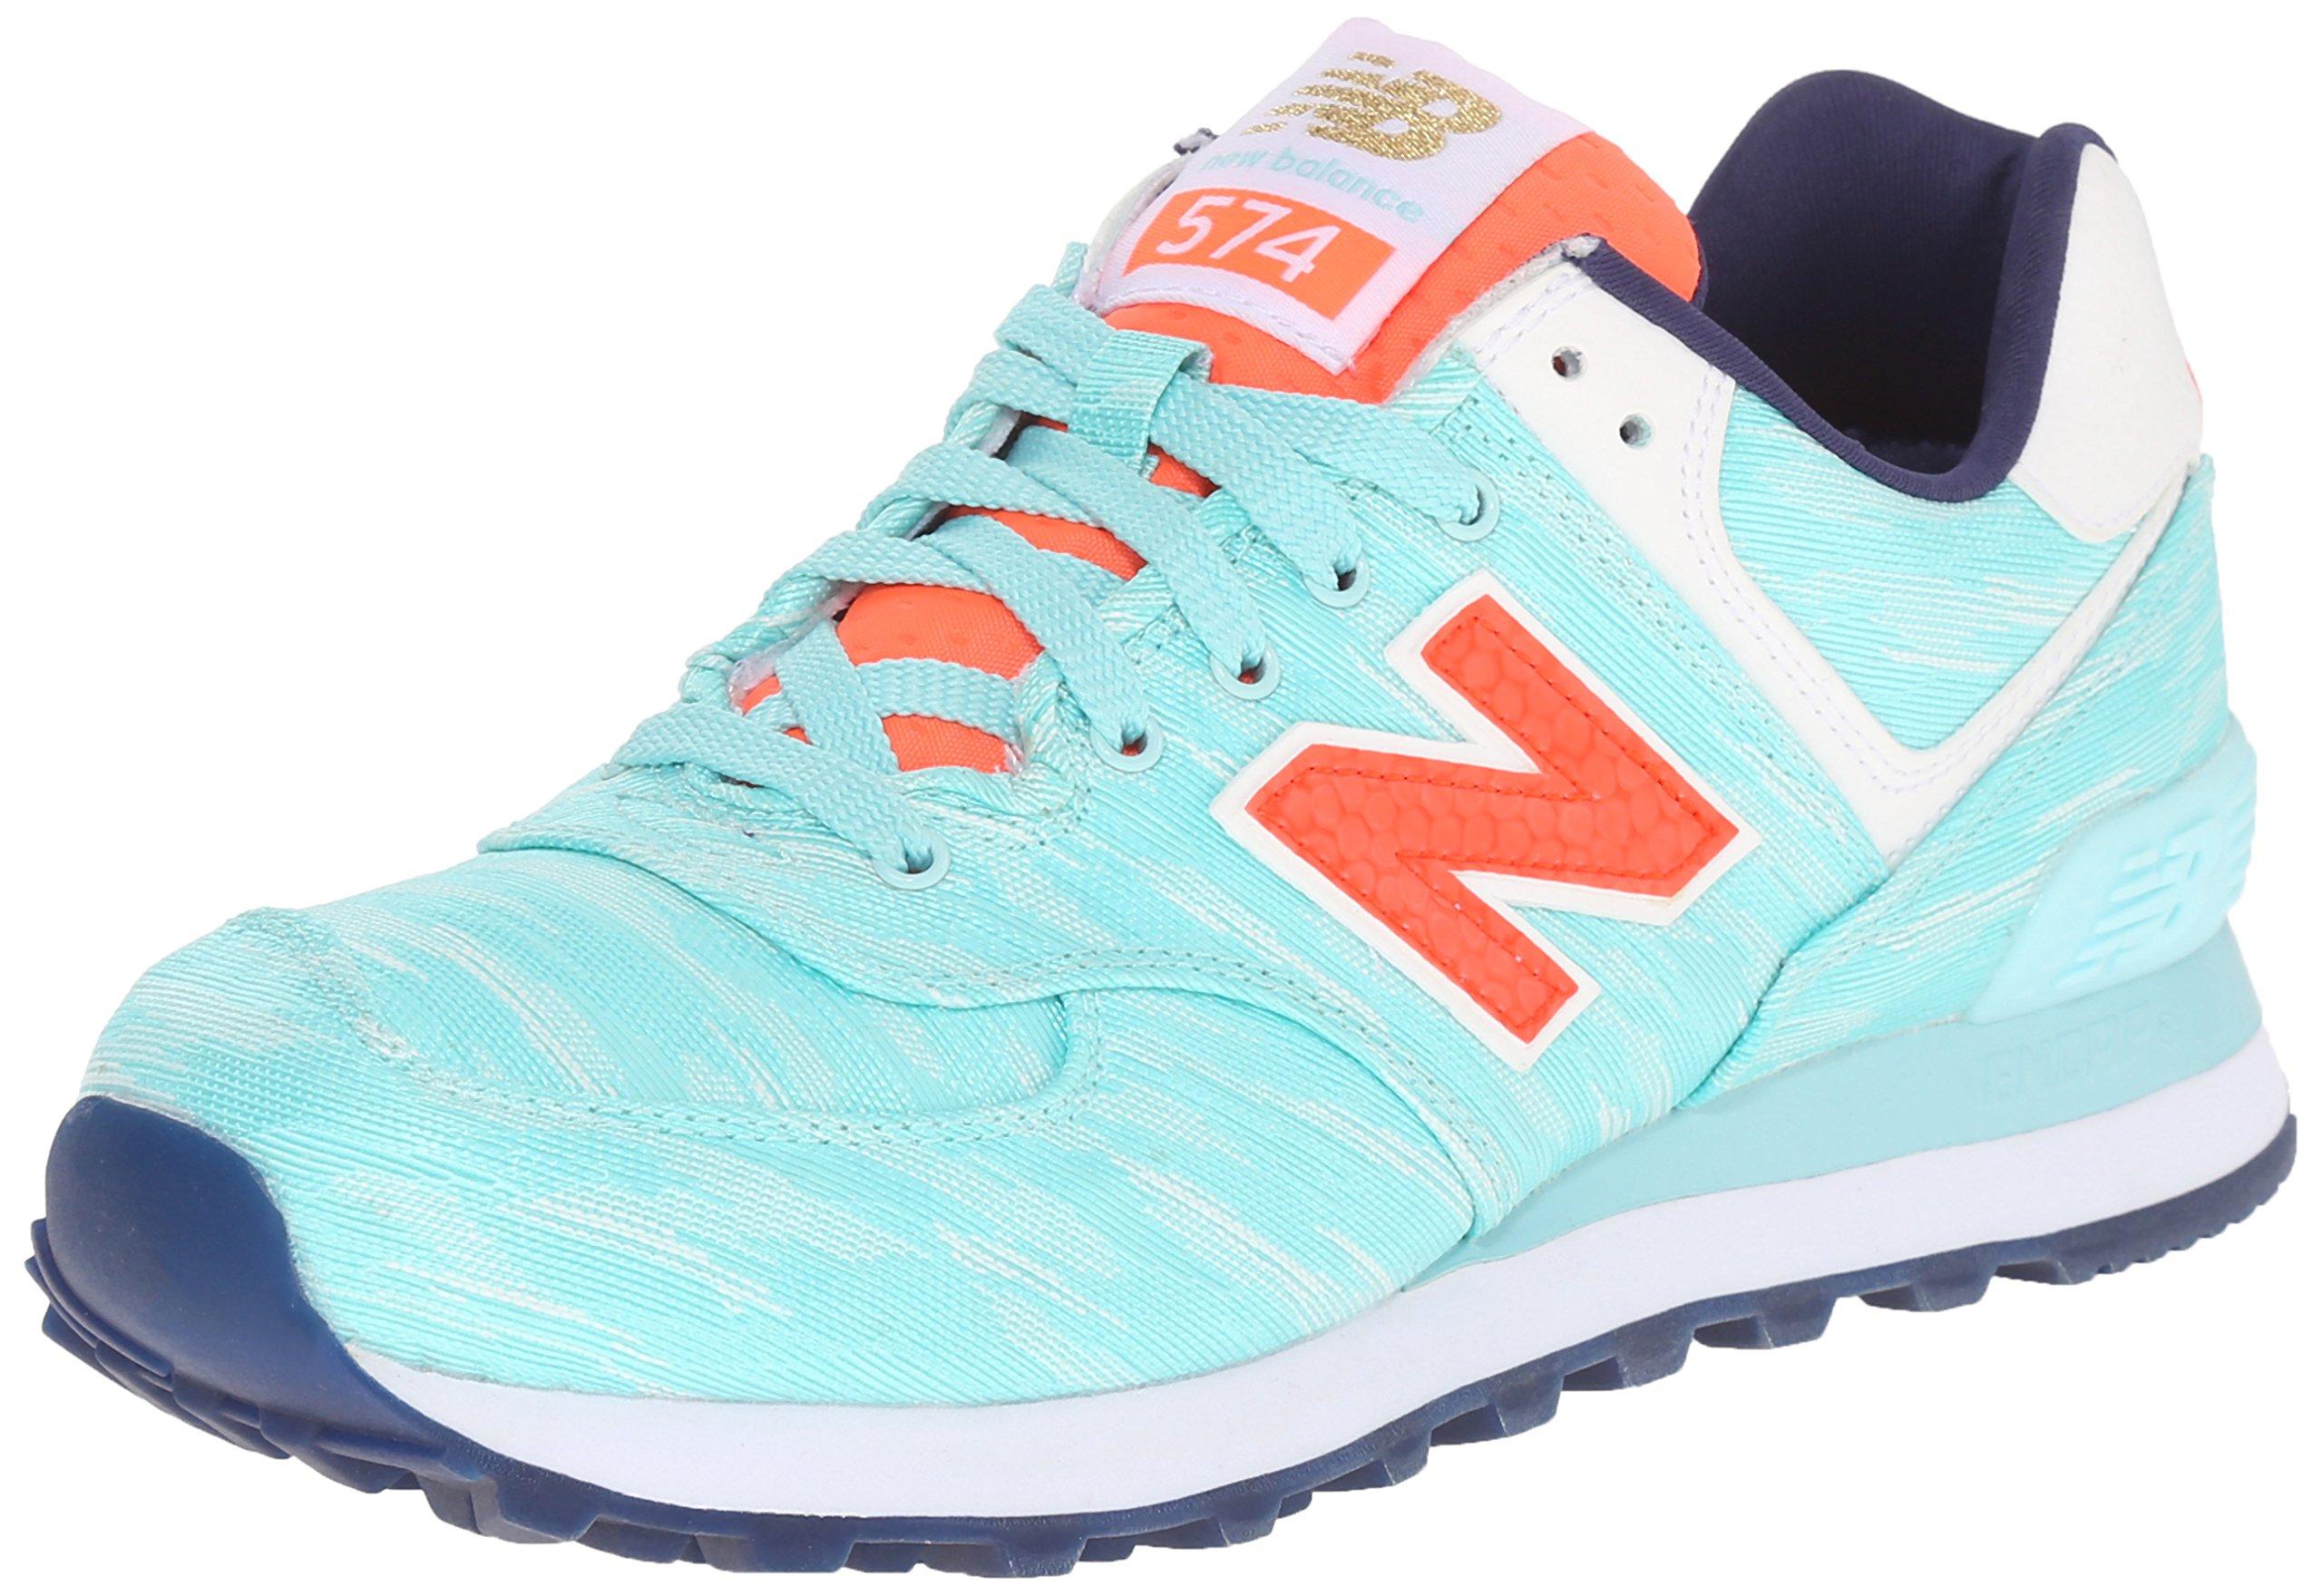 New Balance Women's WL574 Summer Waves Running Shoe, Artic Blue/Dragonfly, 5 B US